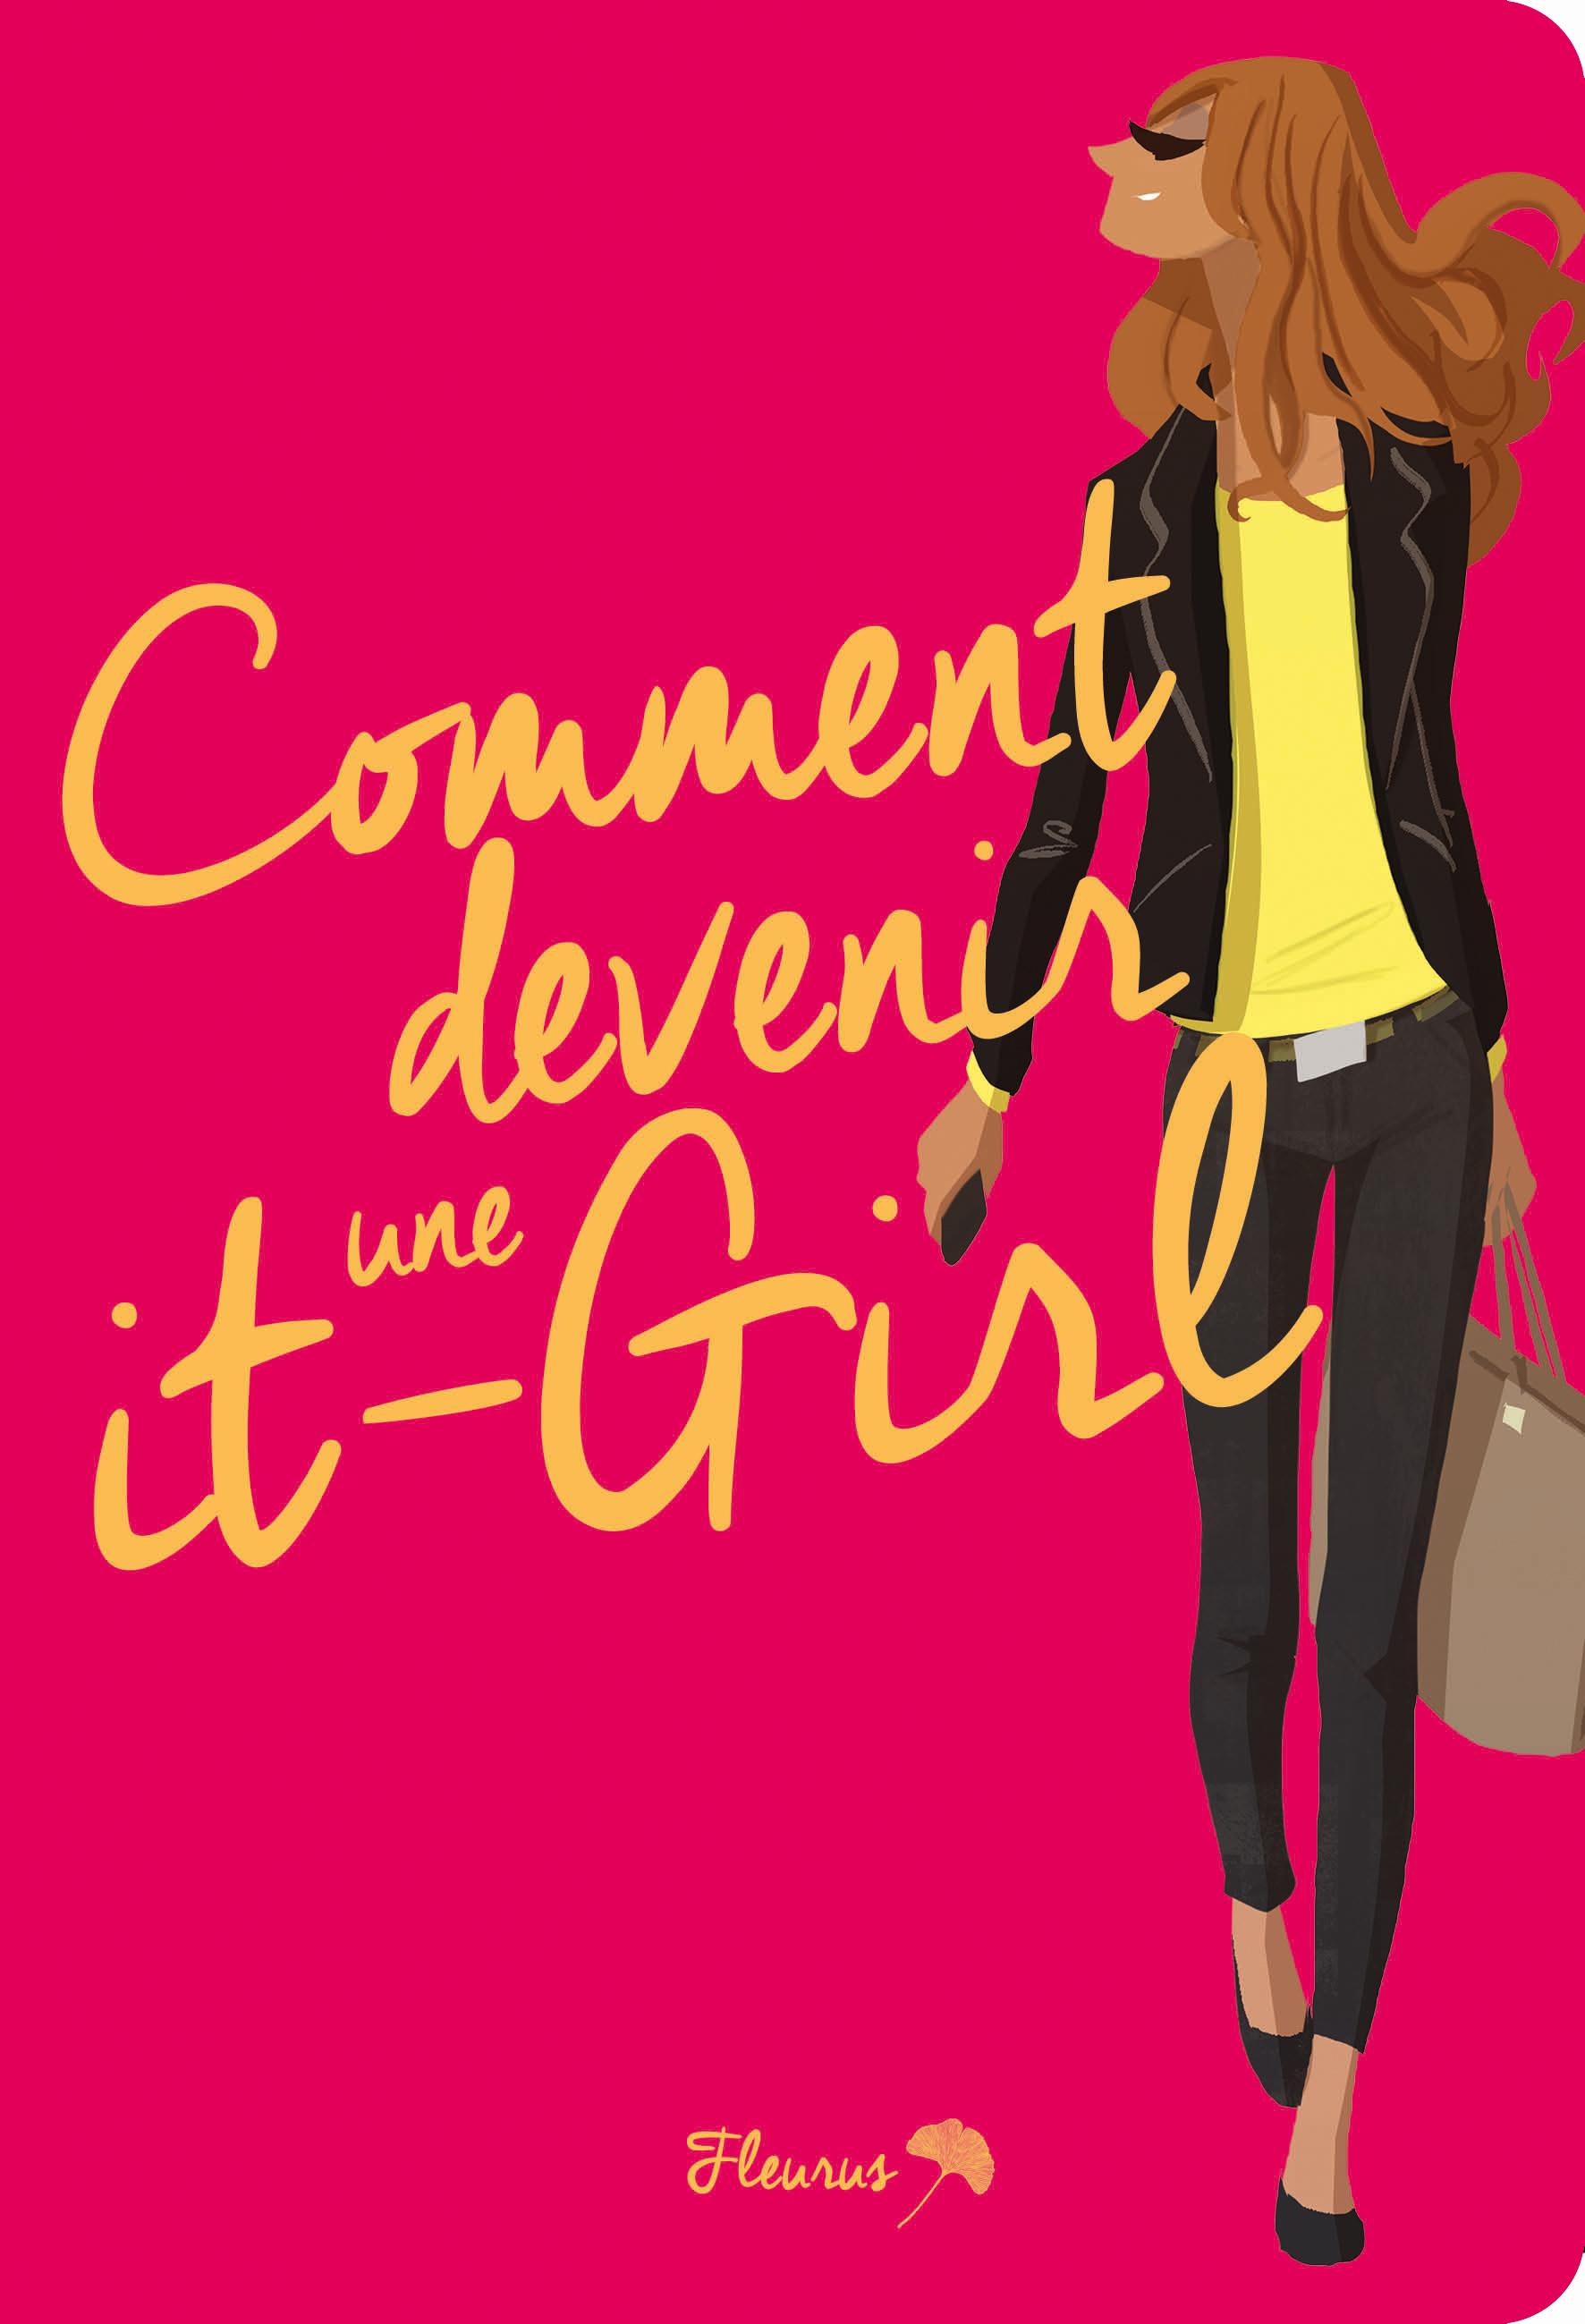 COMMENT DEVENIR UNE IT-GIRL !